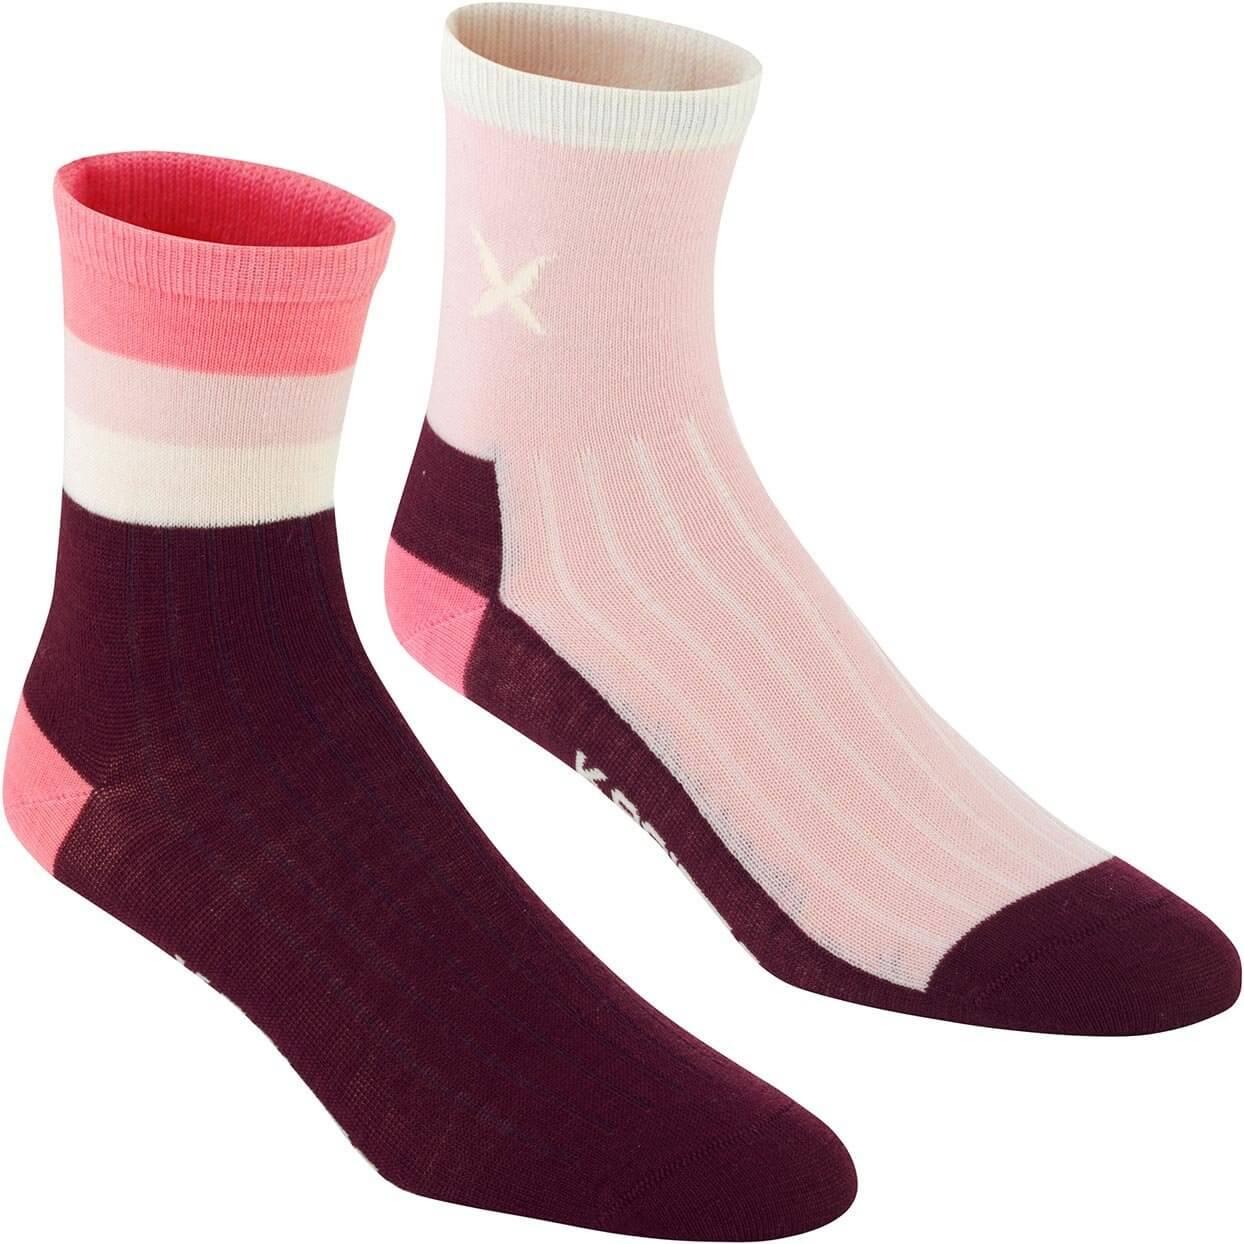 Dámské sportovní ponožky Kari Traa Storetå Sock 2pk